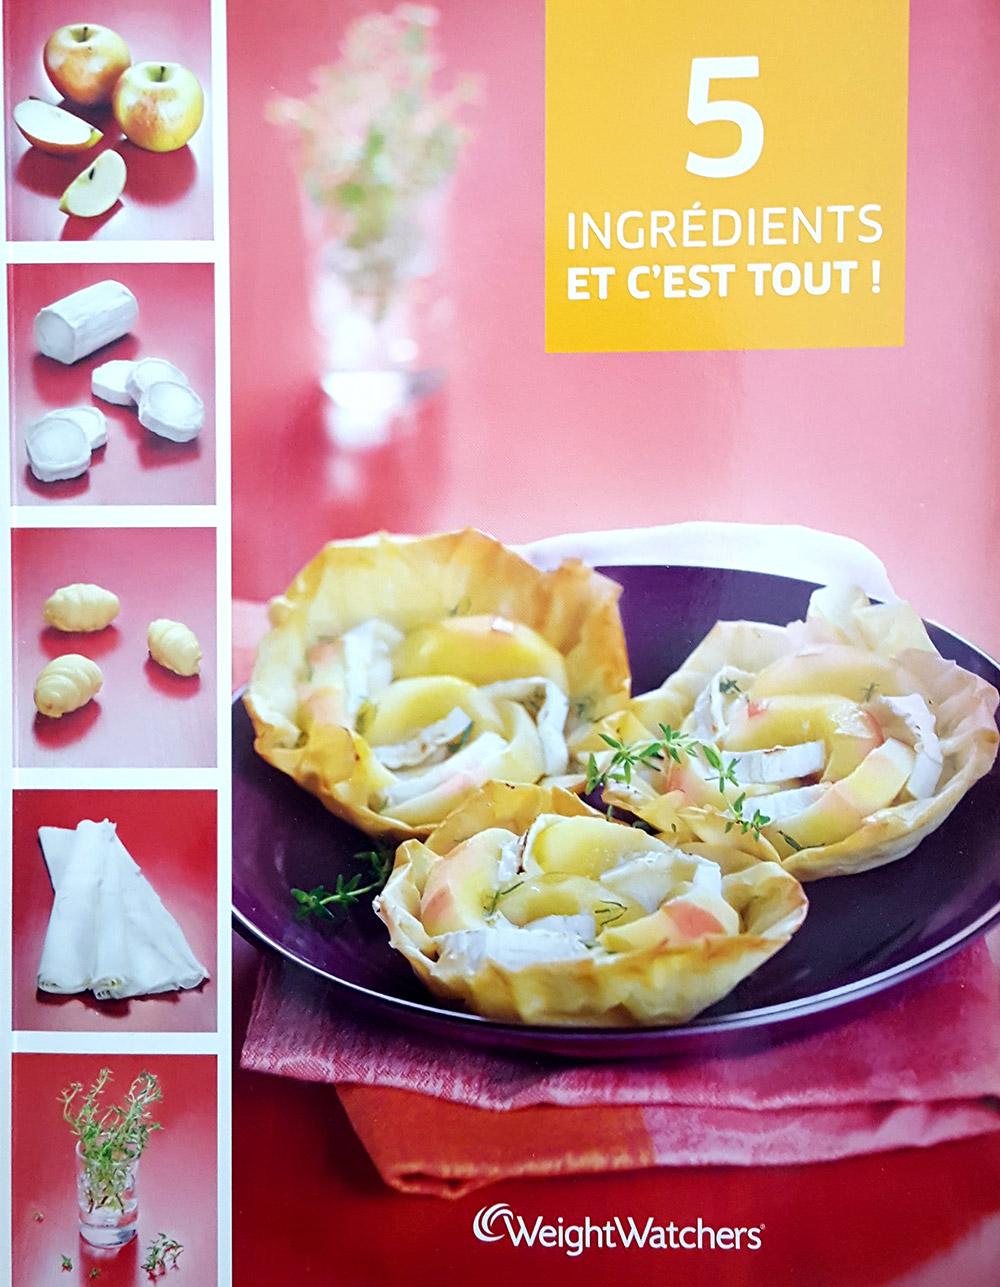 """Livre """"5 Ingrédients et c'est tout"""", photographe culinaire et stylisme culinaire S'cuiz in, Editions Weight Watchers"""